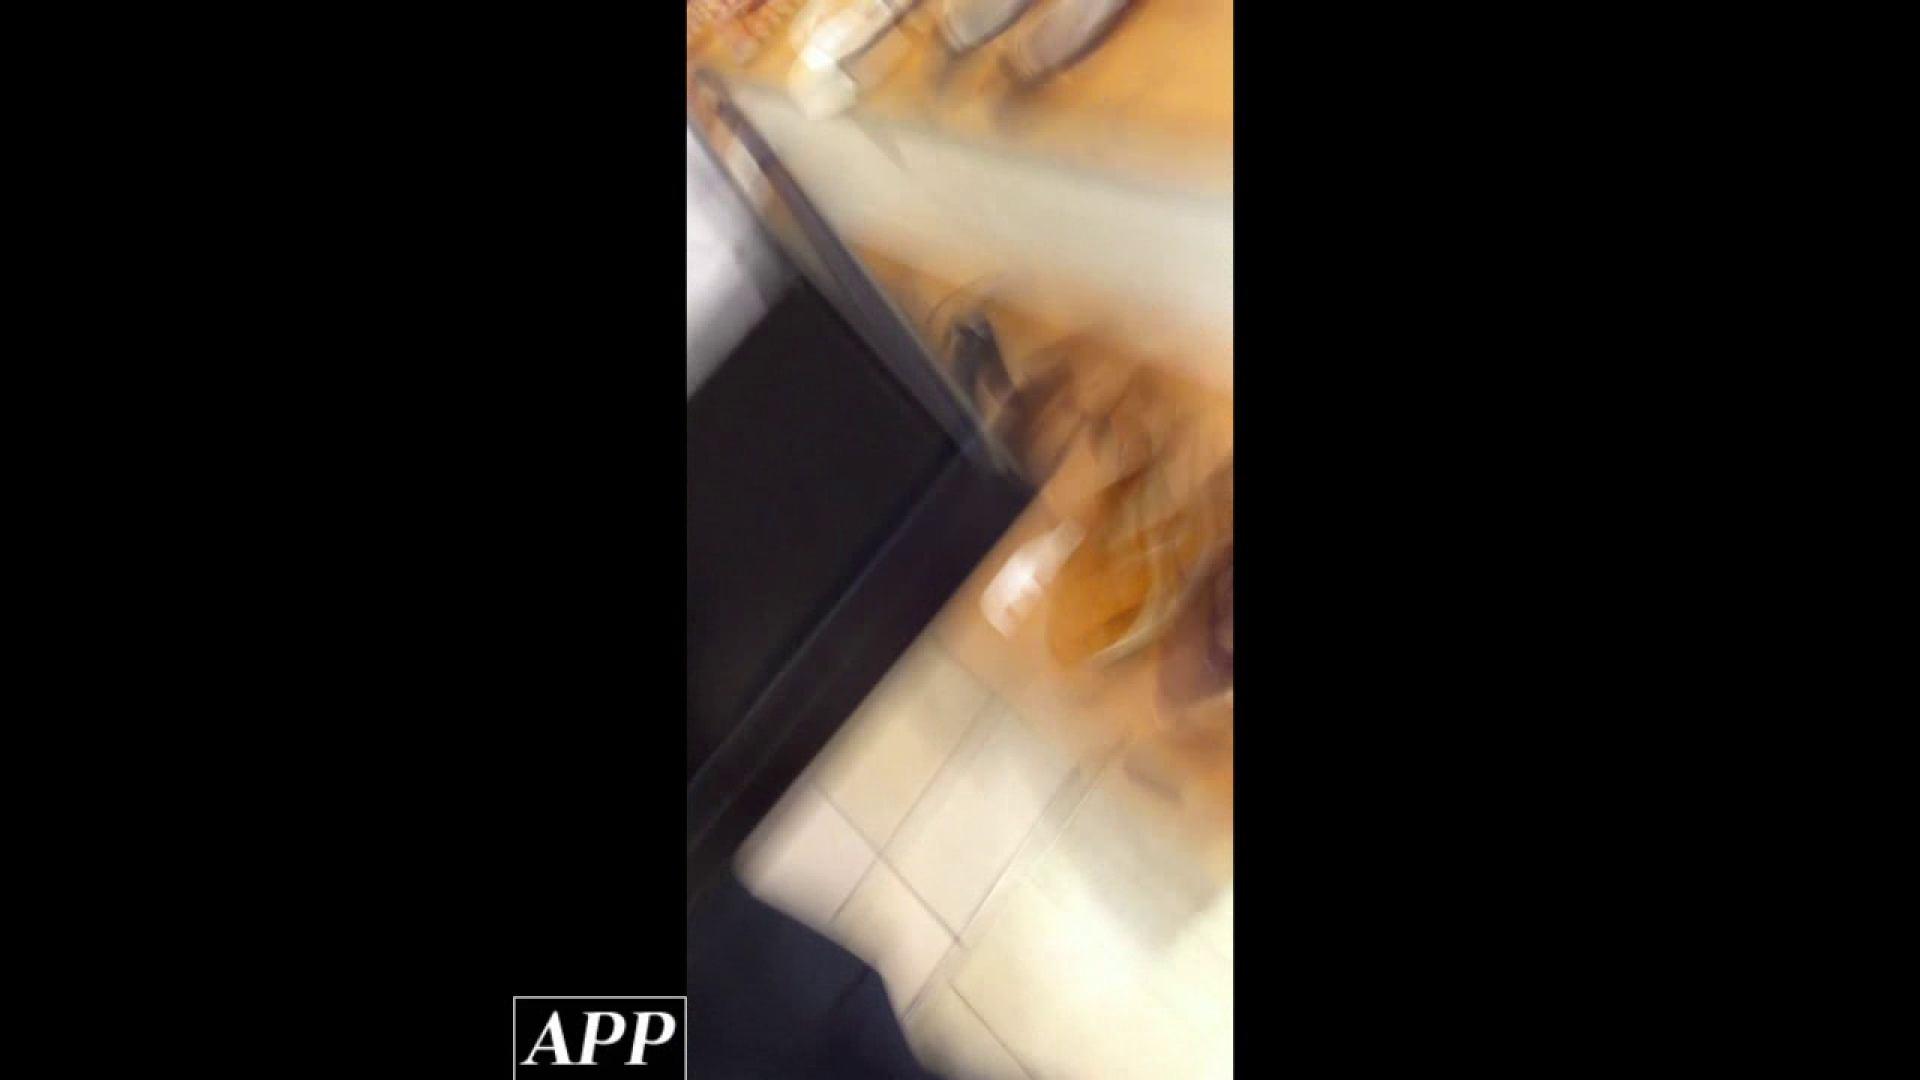 ハイビジョン盗撮!ショップ店員千人斬り!胸チラ編 vol.86 盗撮 | チクビ  66pic 8